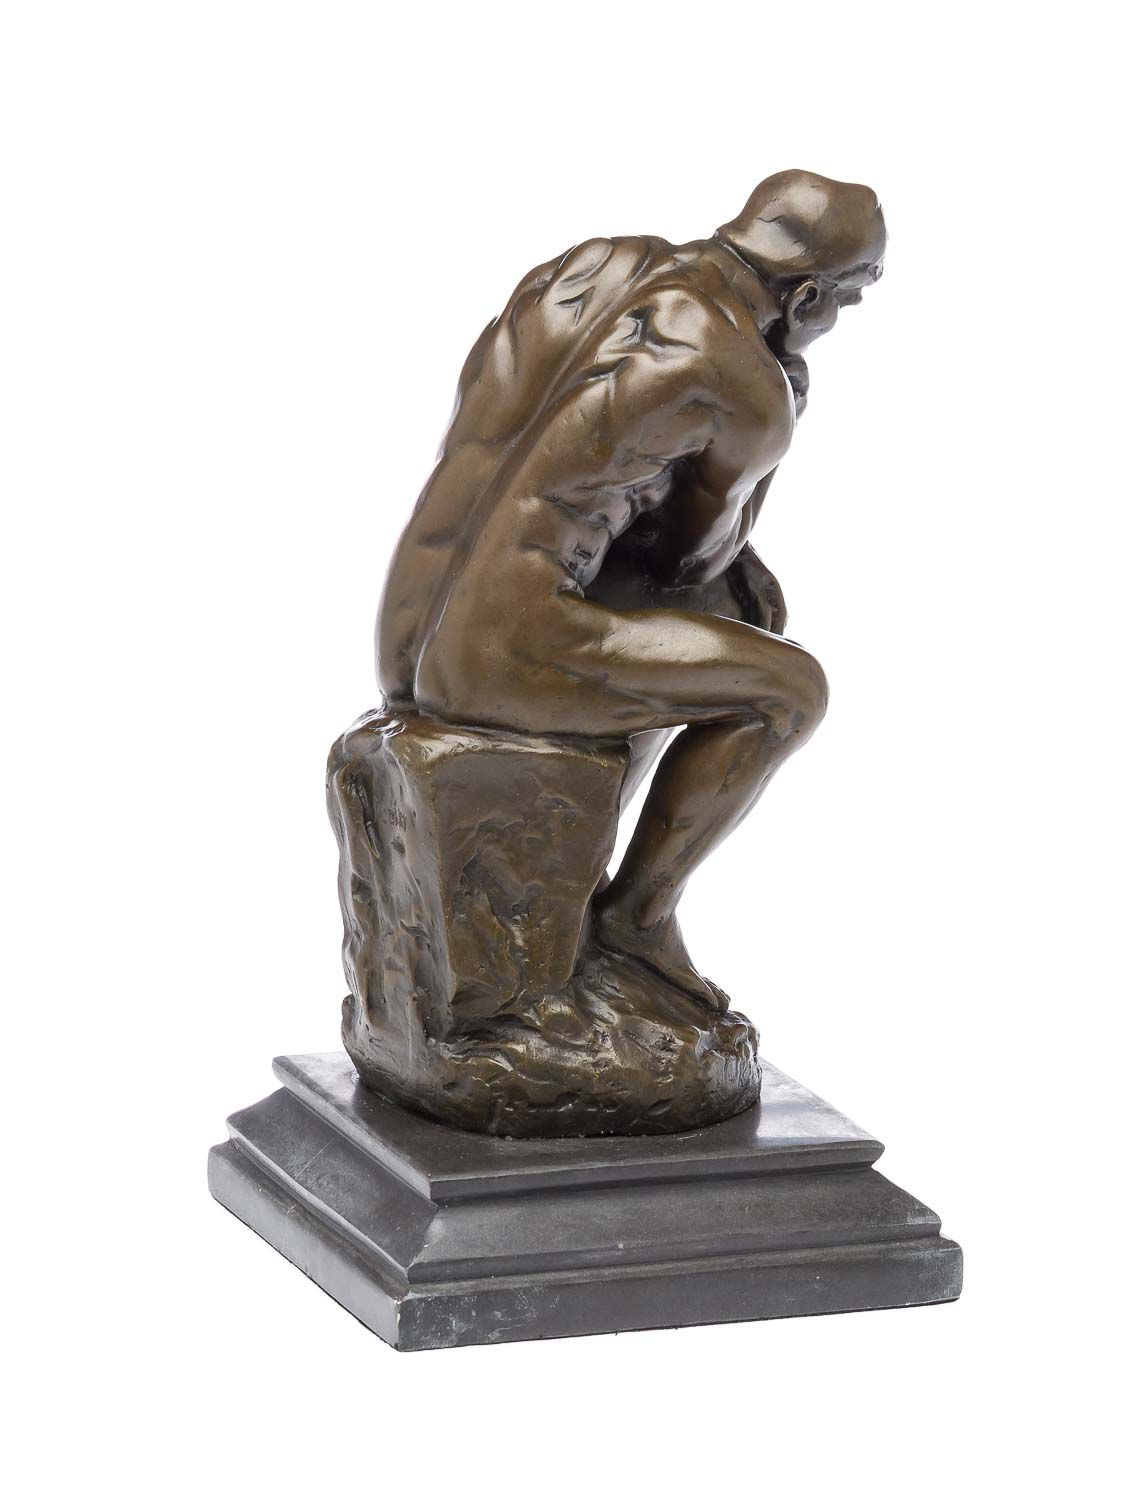 Bronzeskulptur der Denker Mann Bronzefigur Skulptur nach Rodin 25cm Kopie Replik